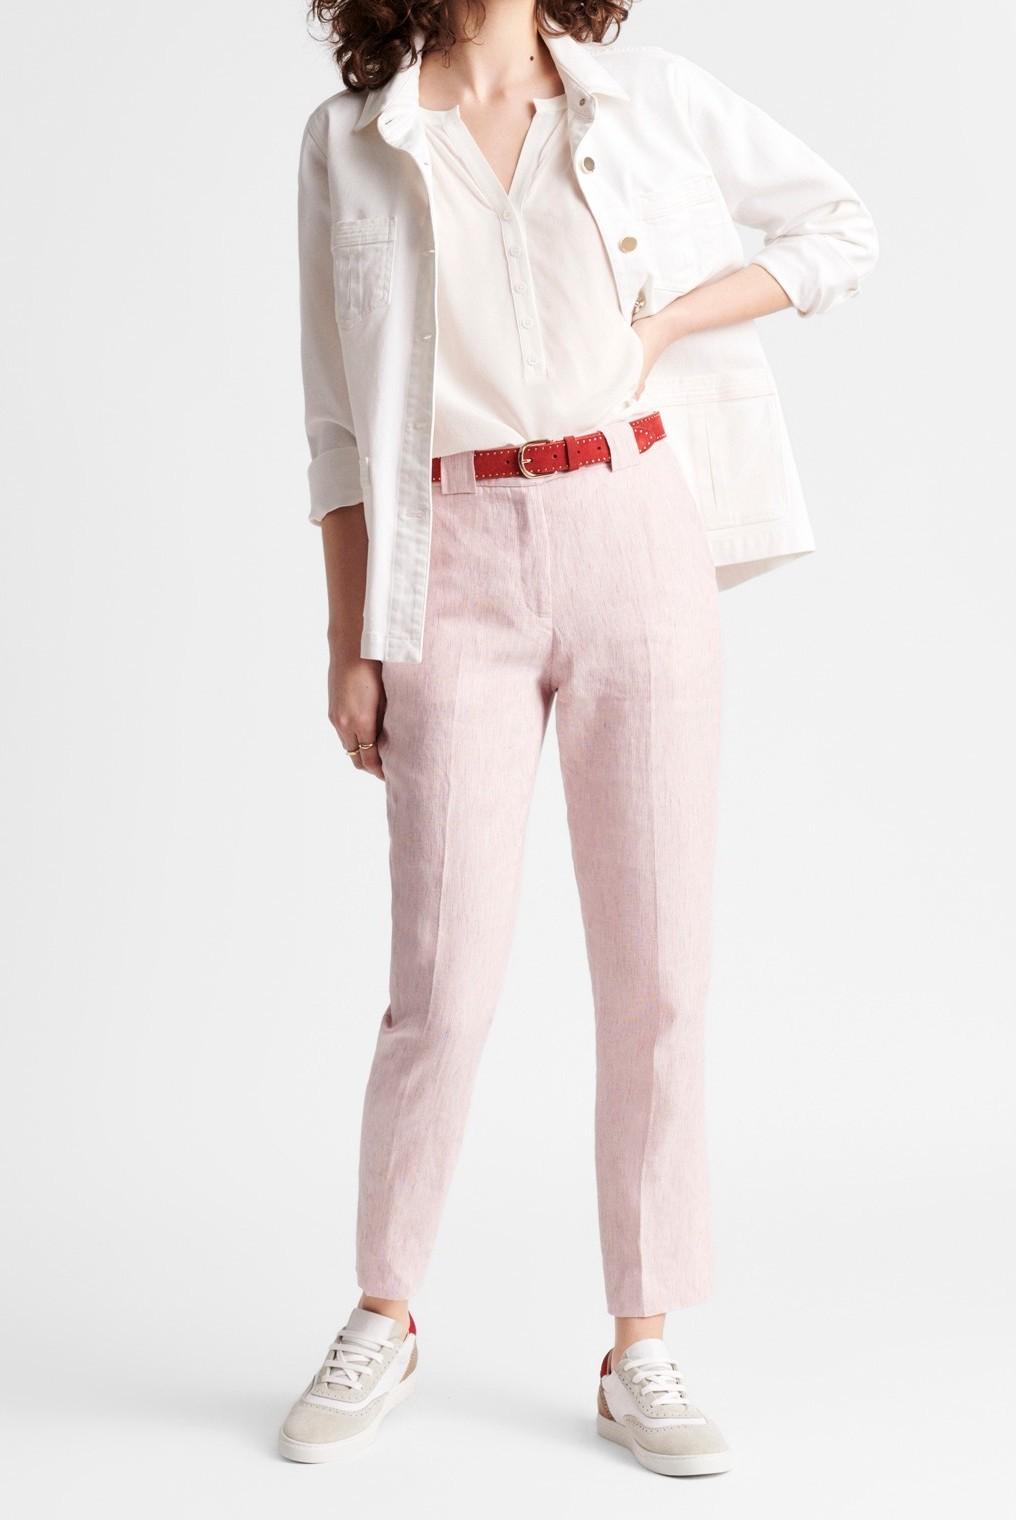 MORGANA - брюки длины 7/8 из льна